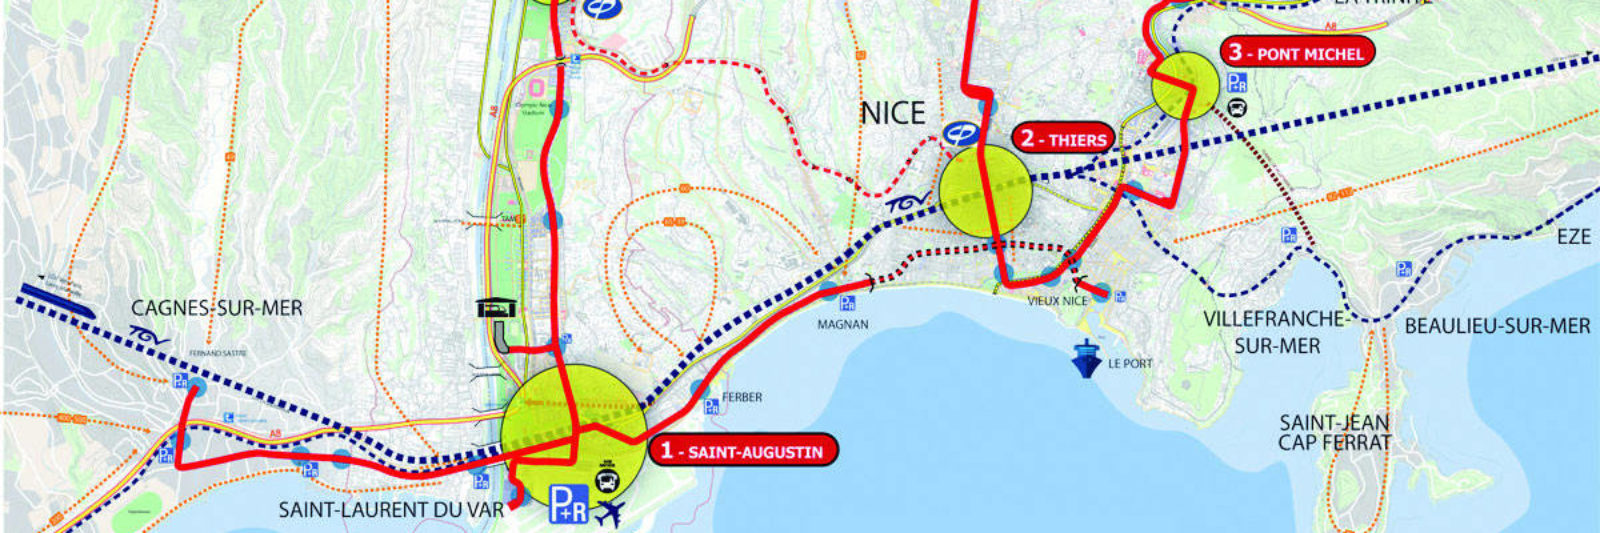 Map tramway